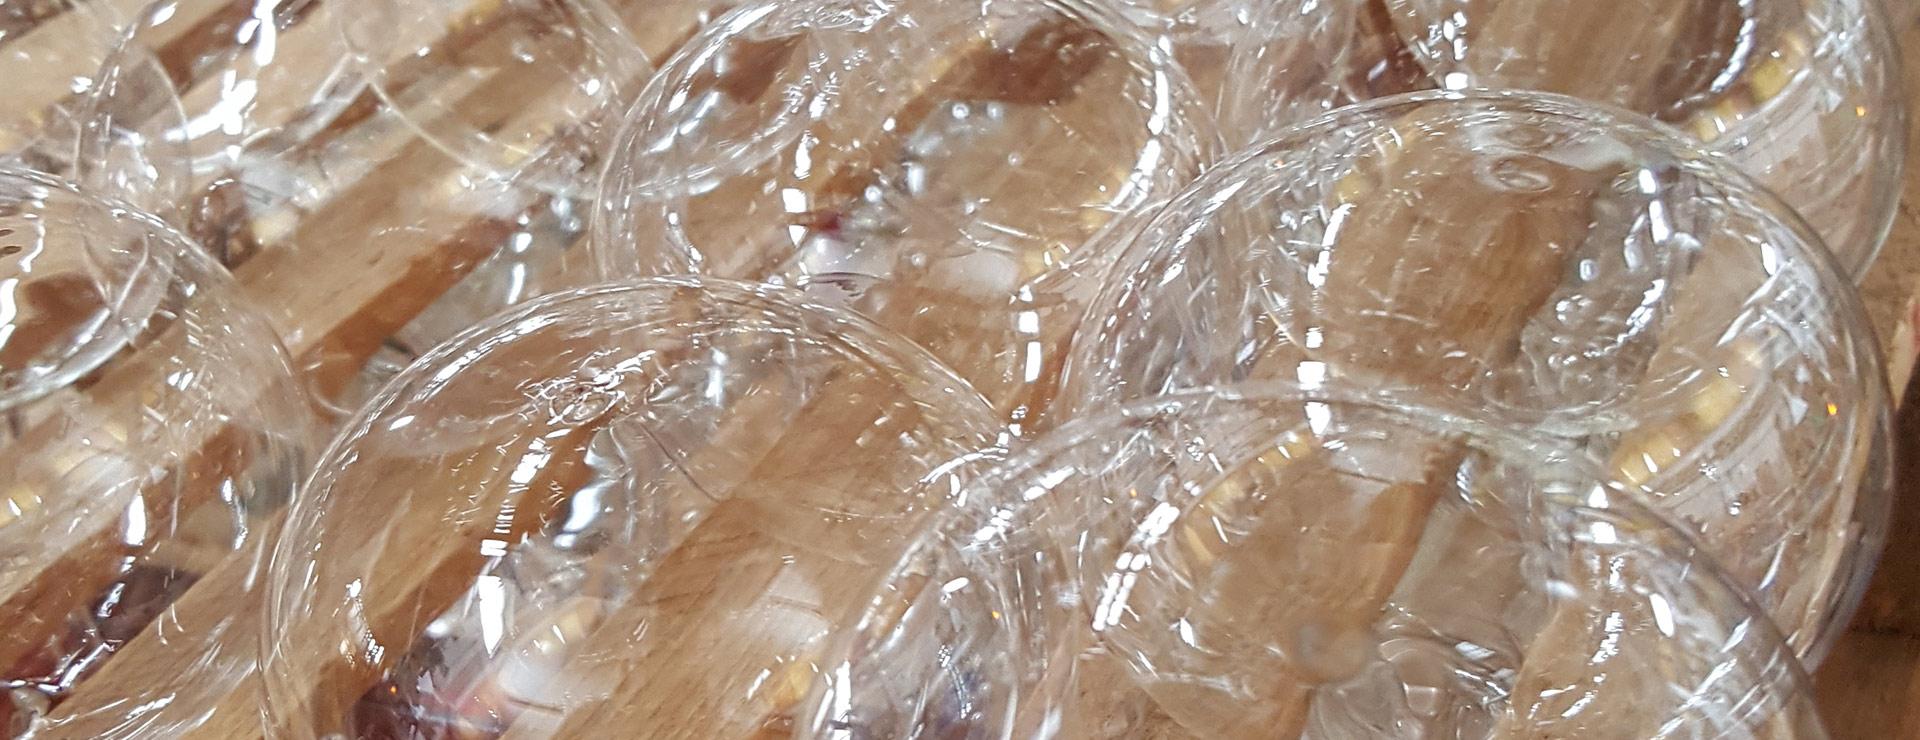 Mundgeblasene Glasrohlingen